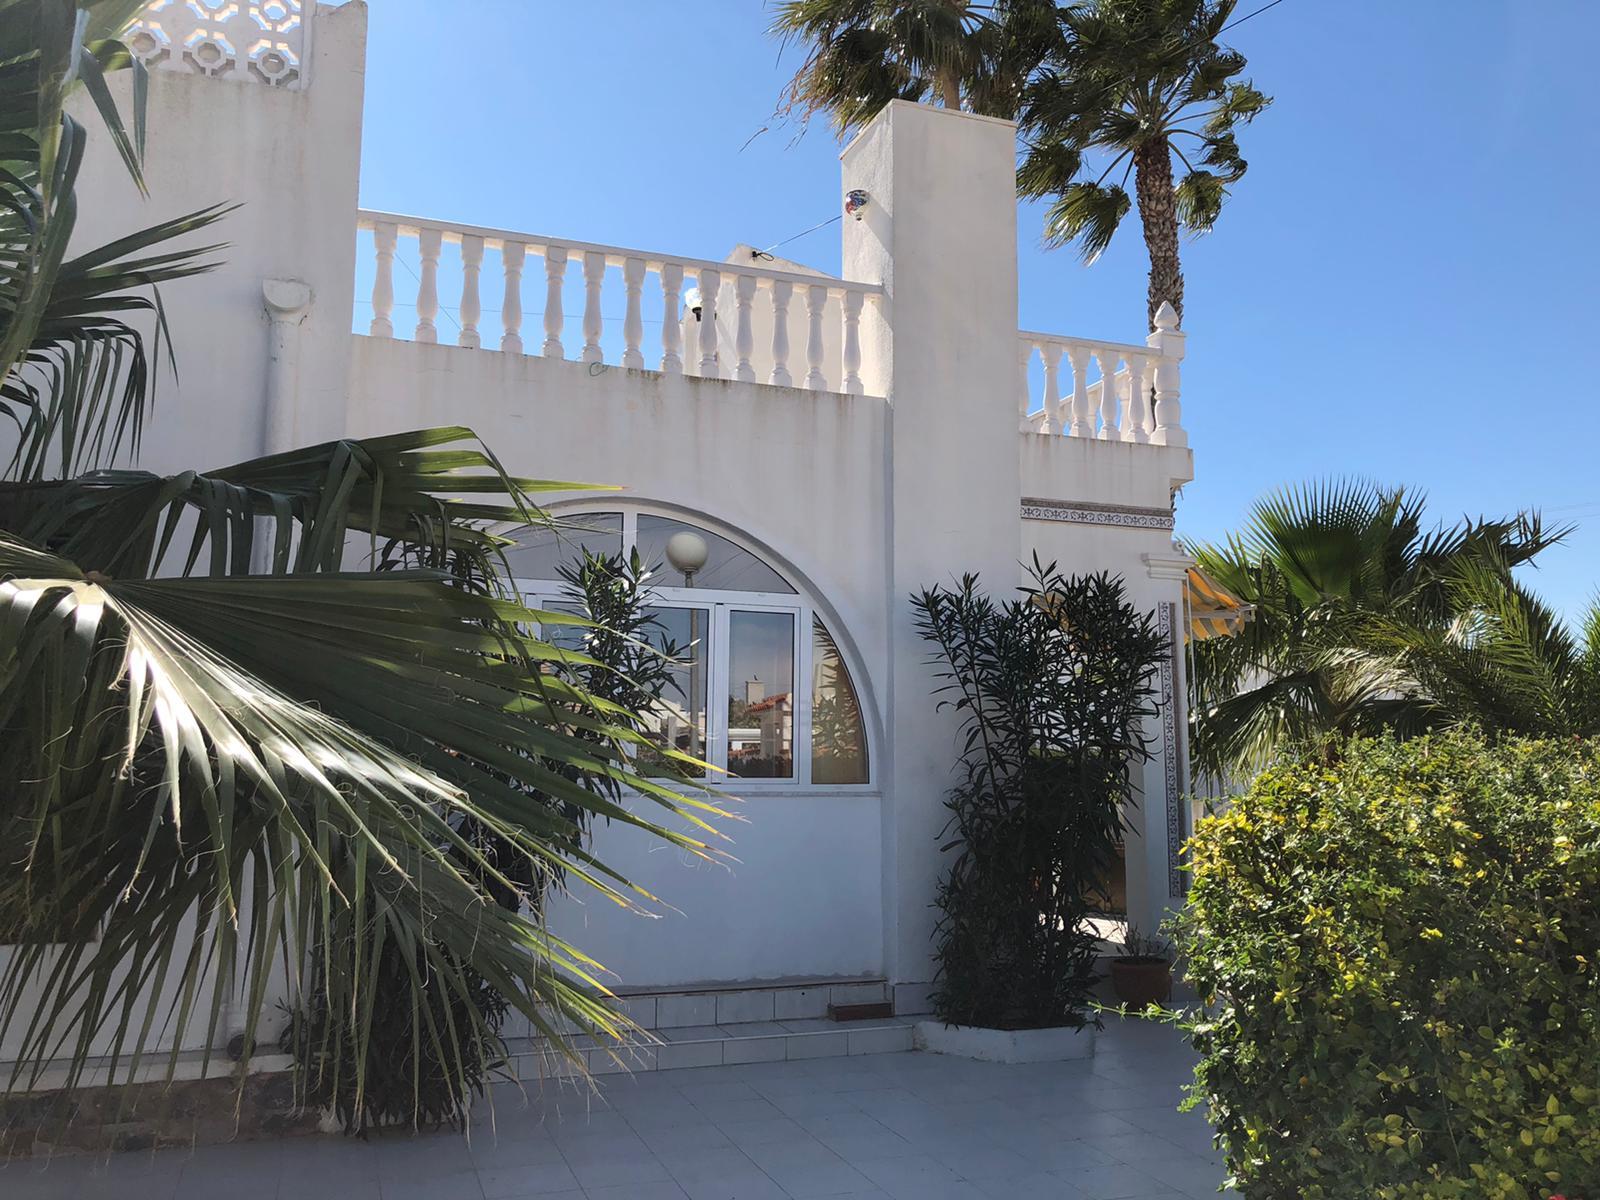 Townhouse in Playa Flamenca - Resale - Van Dam Estates